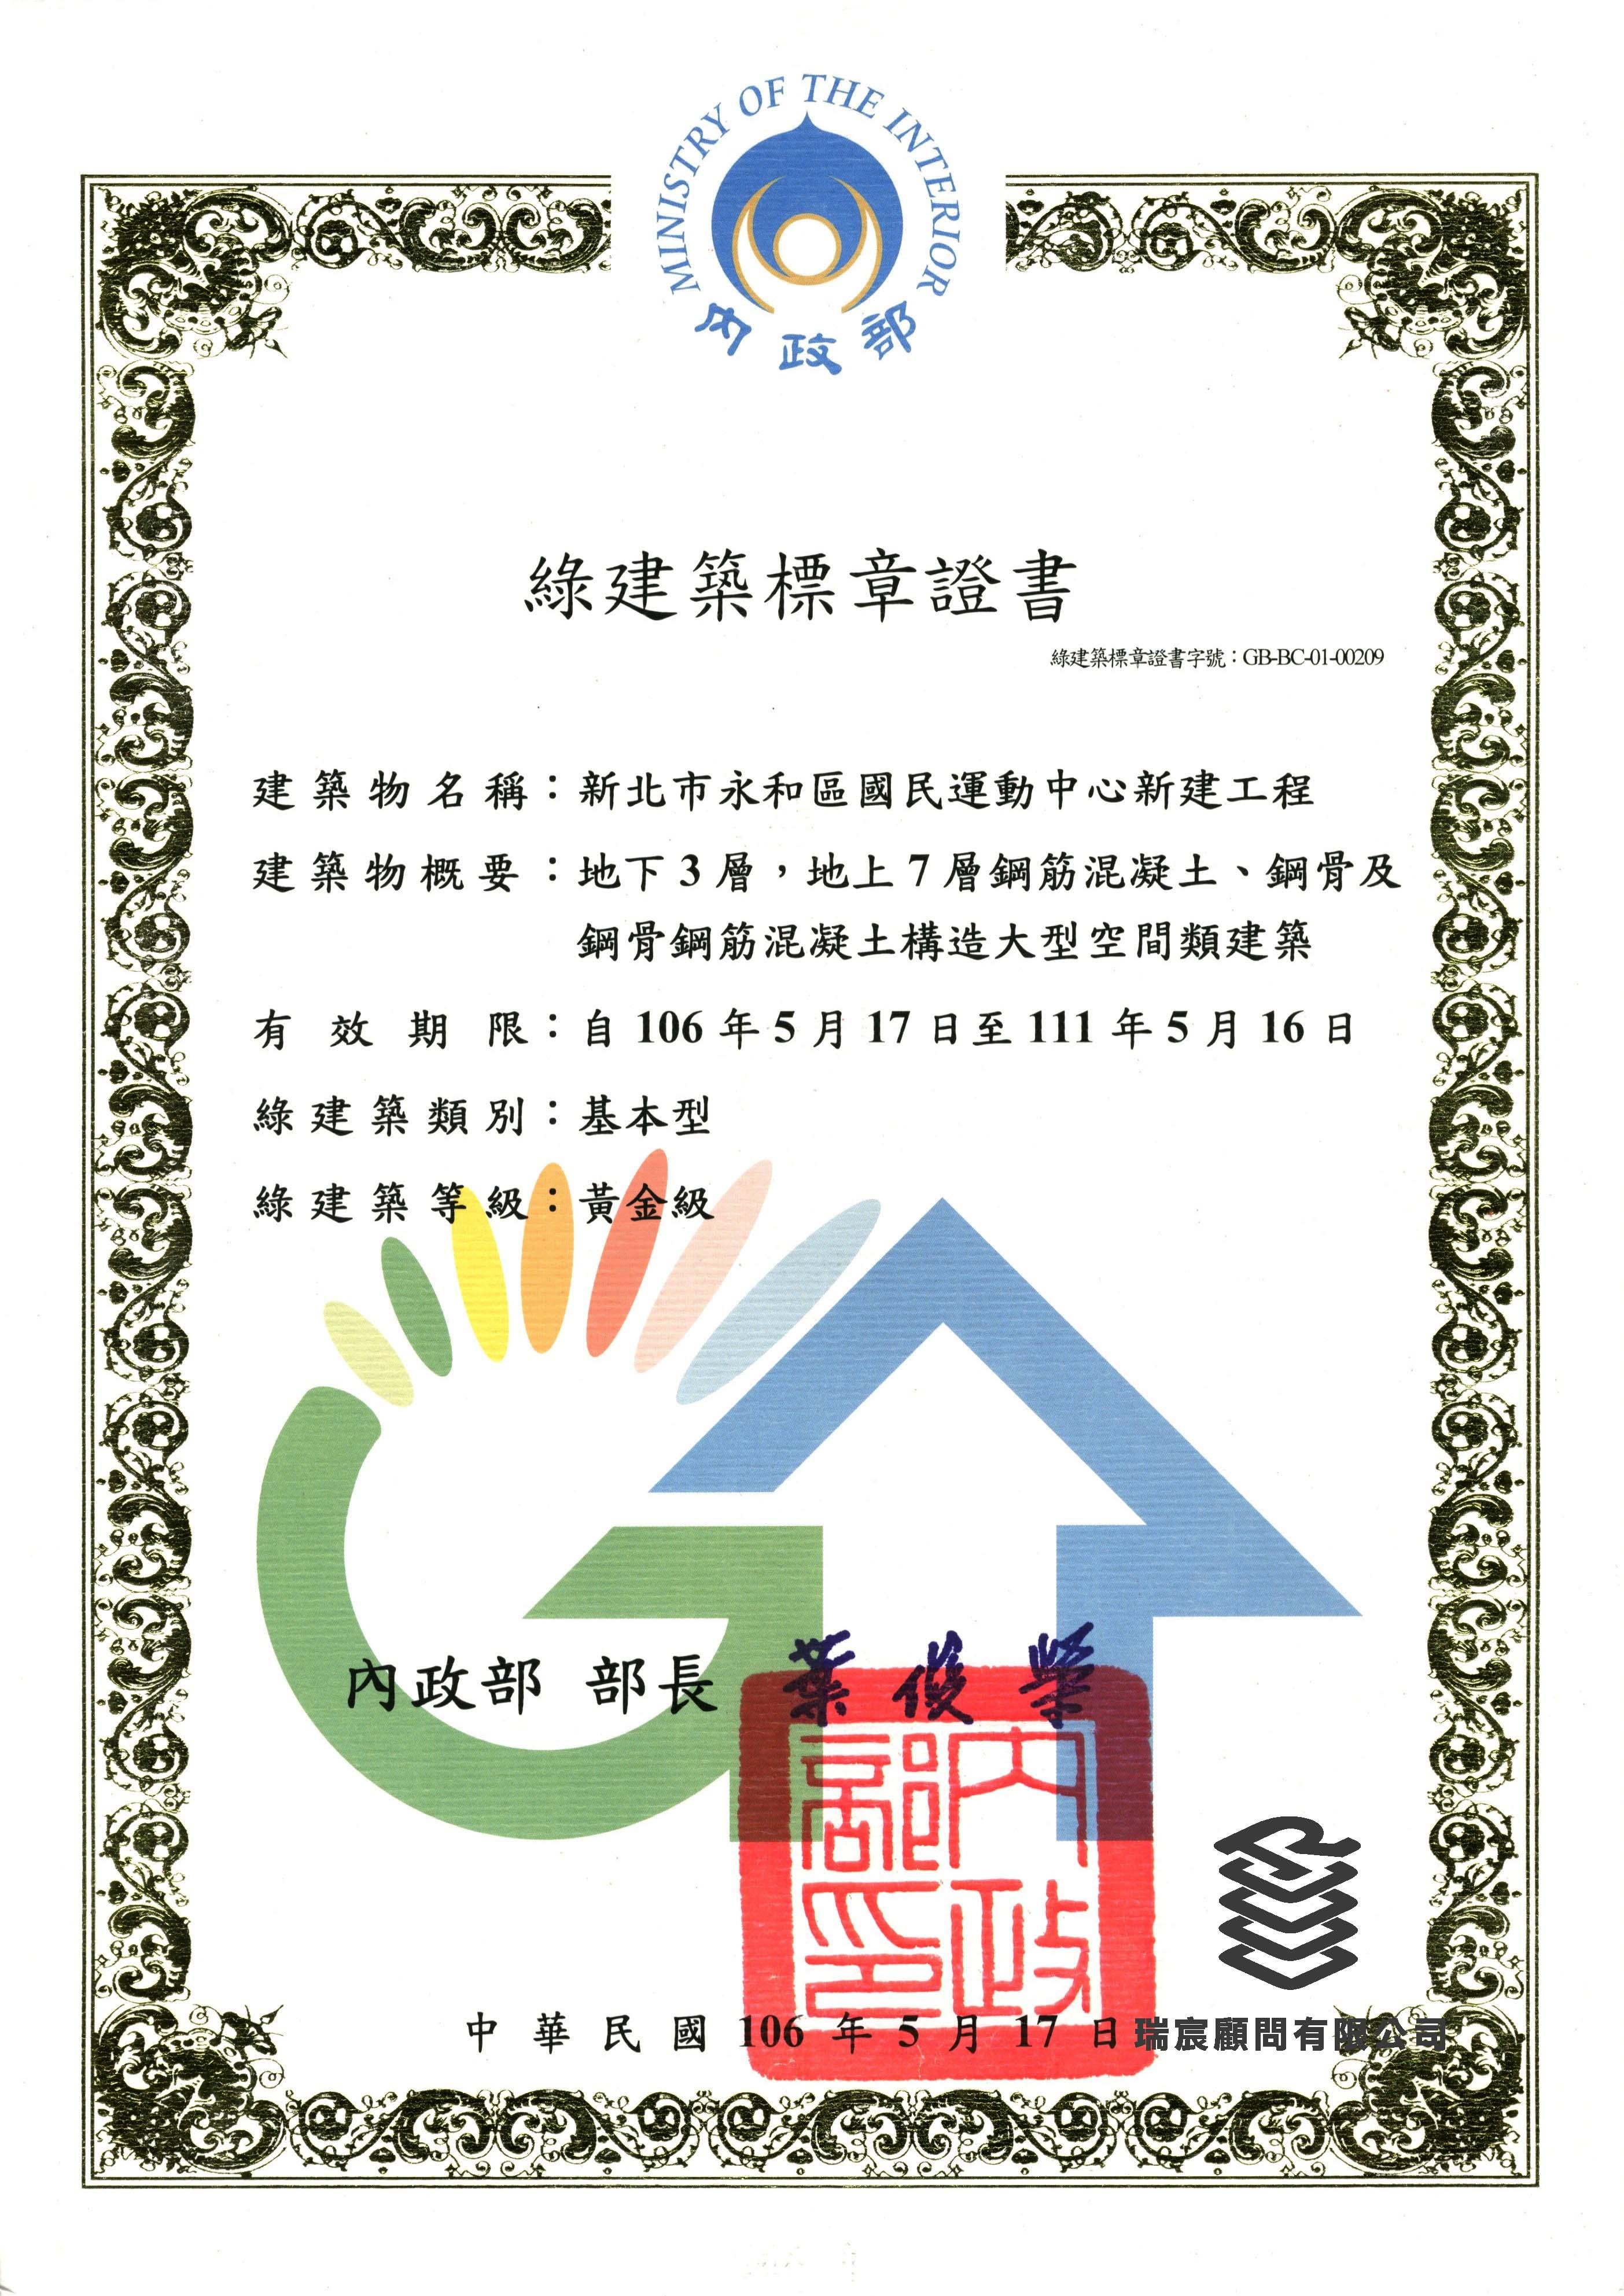 瑞宸信息土木工程工程设计制造及其自动化电气工程及其自动化电子顾问机械图片